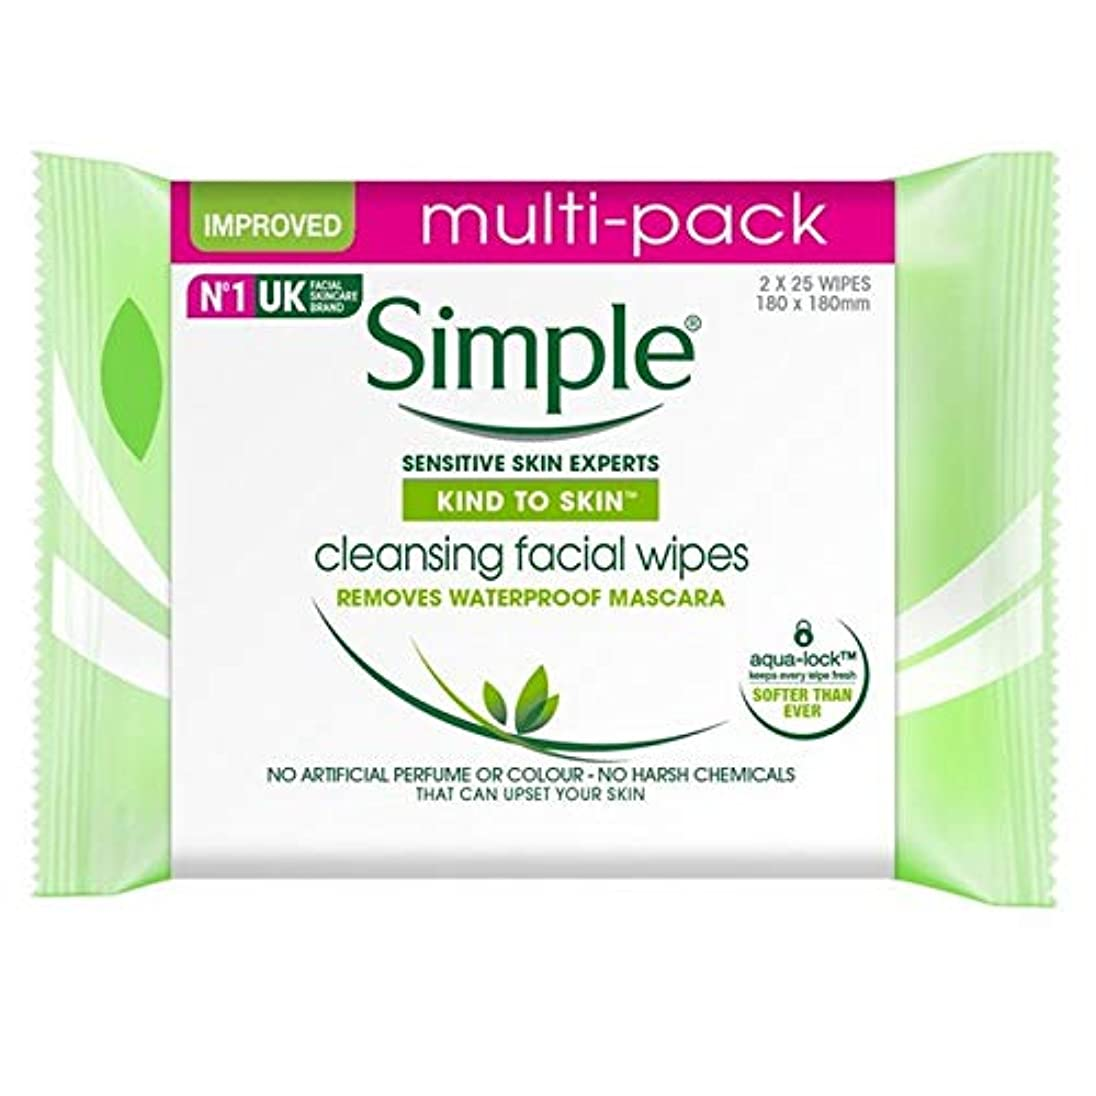 強打期限論理的[Simple ] 肌のクレンジングフェイシャルワイプ2×25パックあたりに簡単な種類 - Simple Kind To Skin Cleansing Facial Wipes 2 x 25 per pack [並行輸入品]